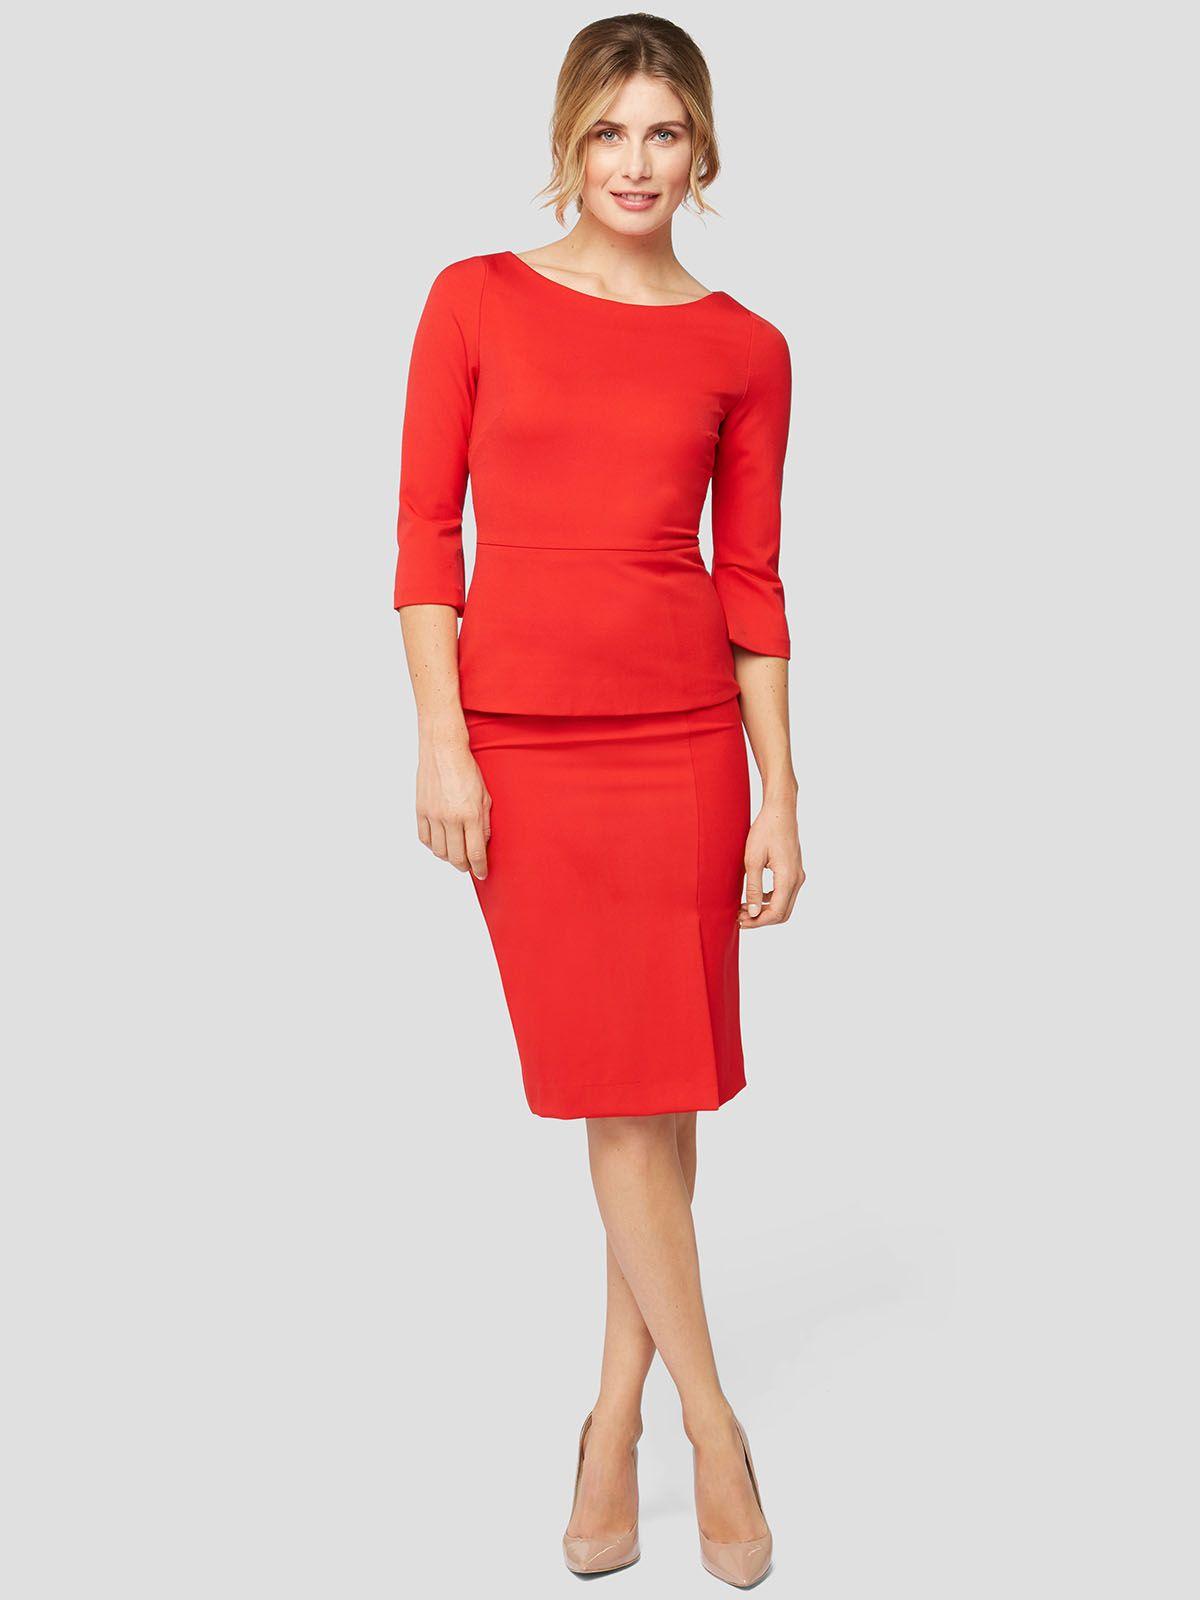 dieses elegante rote kleid im etui-schnitt mit geh-schlitz